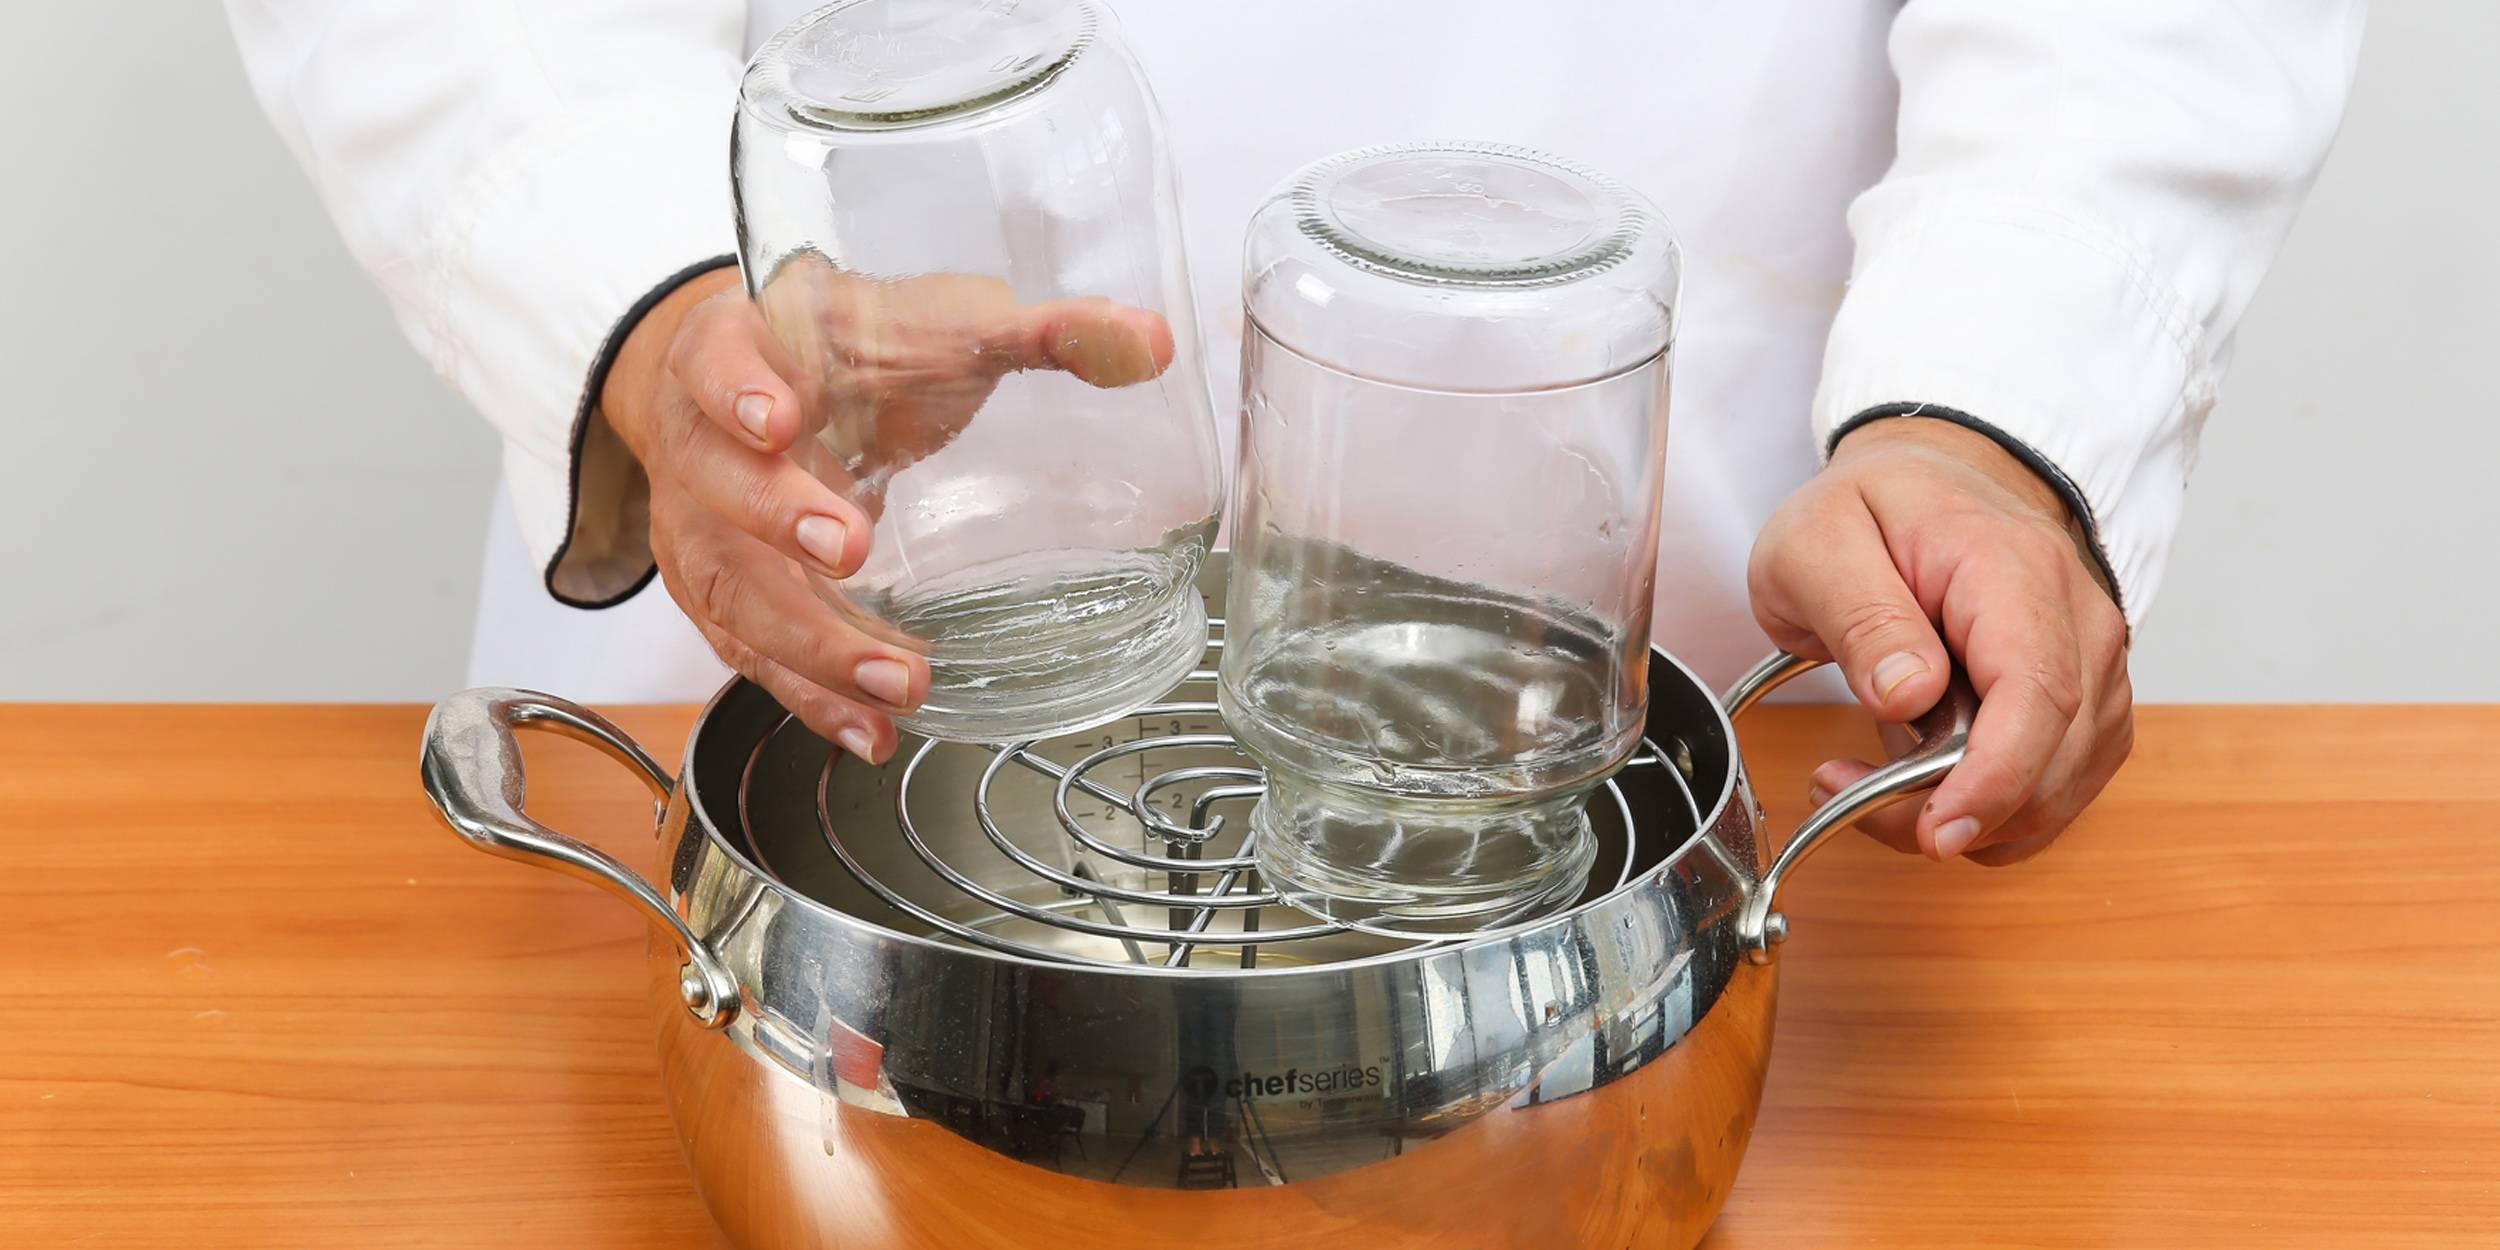 Как стерилизовать бутылочки для новорожденных: методы кипячения в домашних условиях, средства для мытья посуды